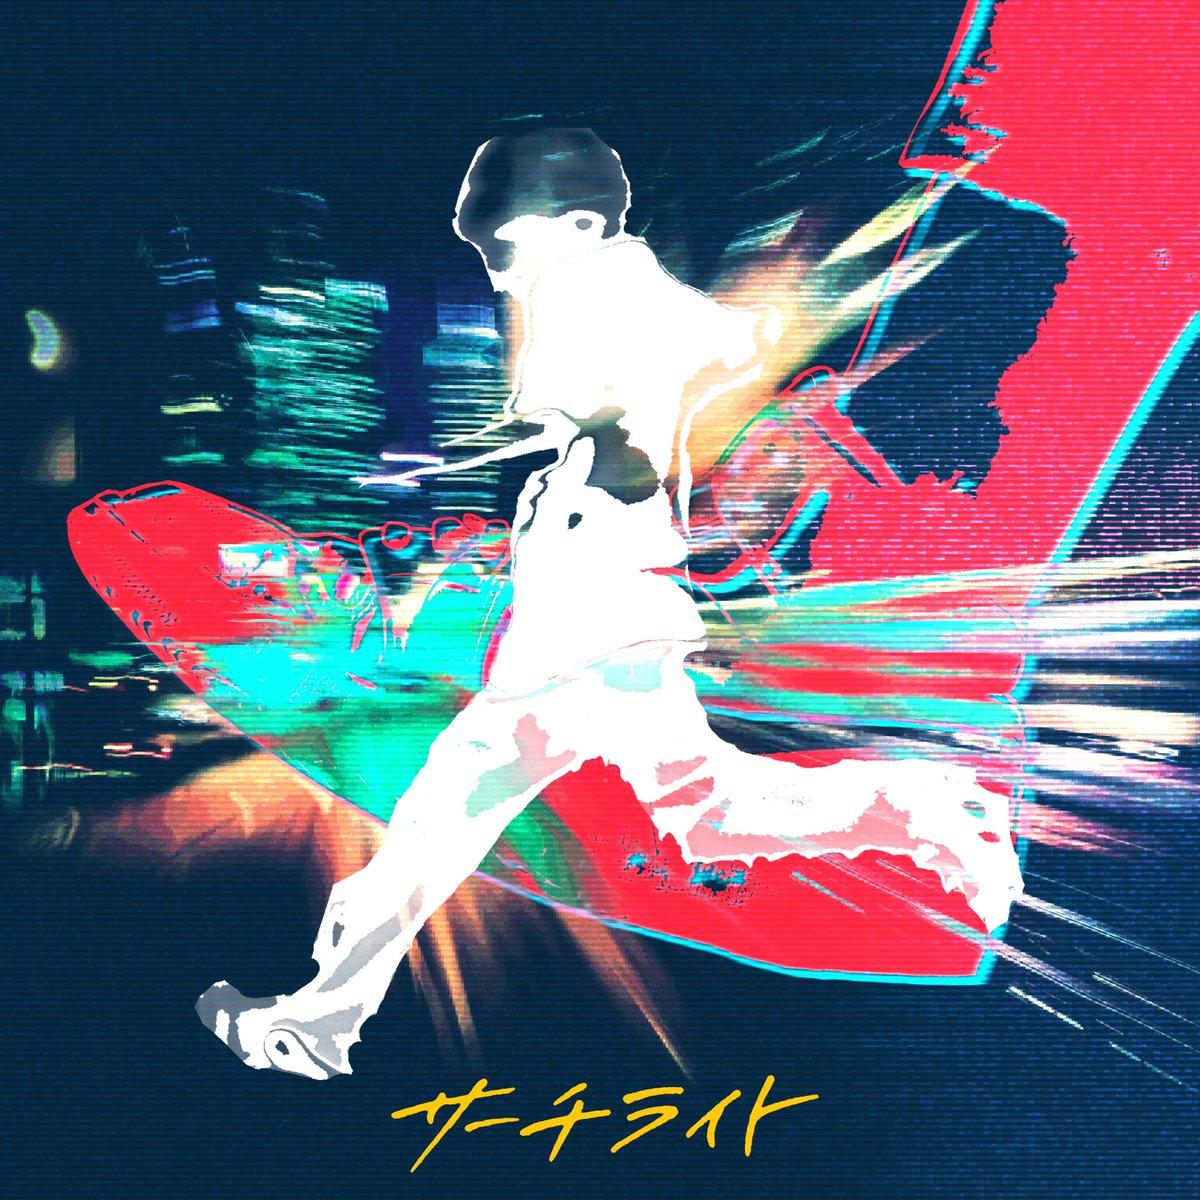 秋山黄色 - サーチライト [2020.11.13+MP3+RAR]